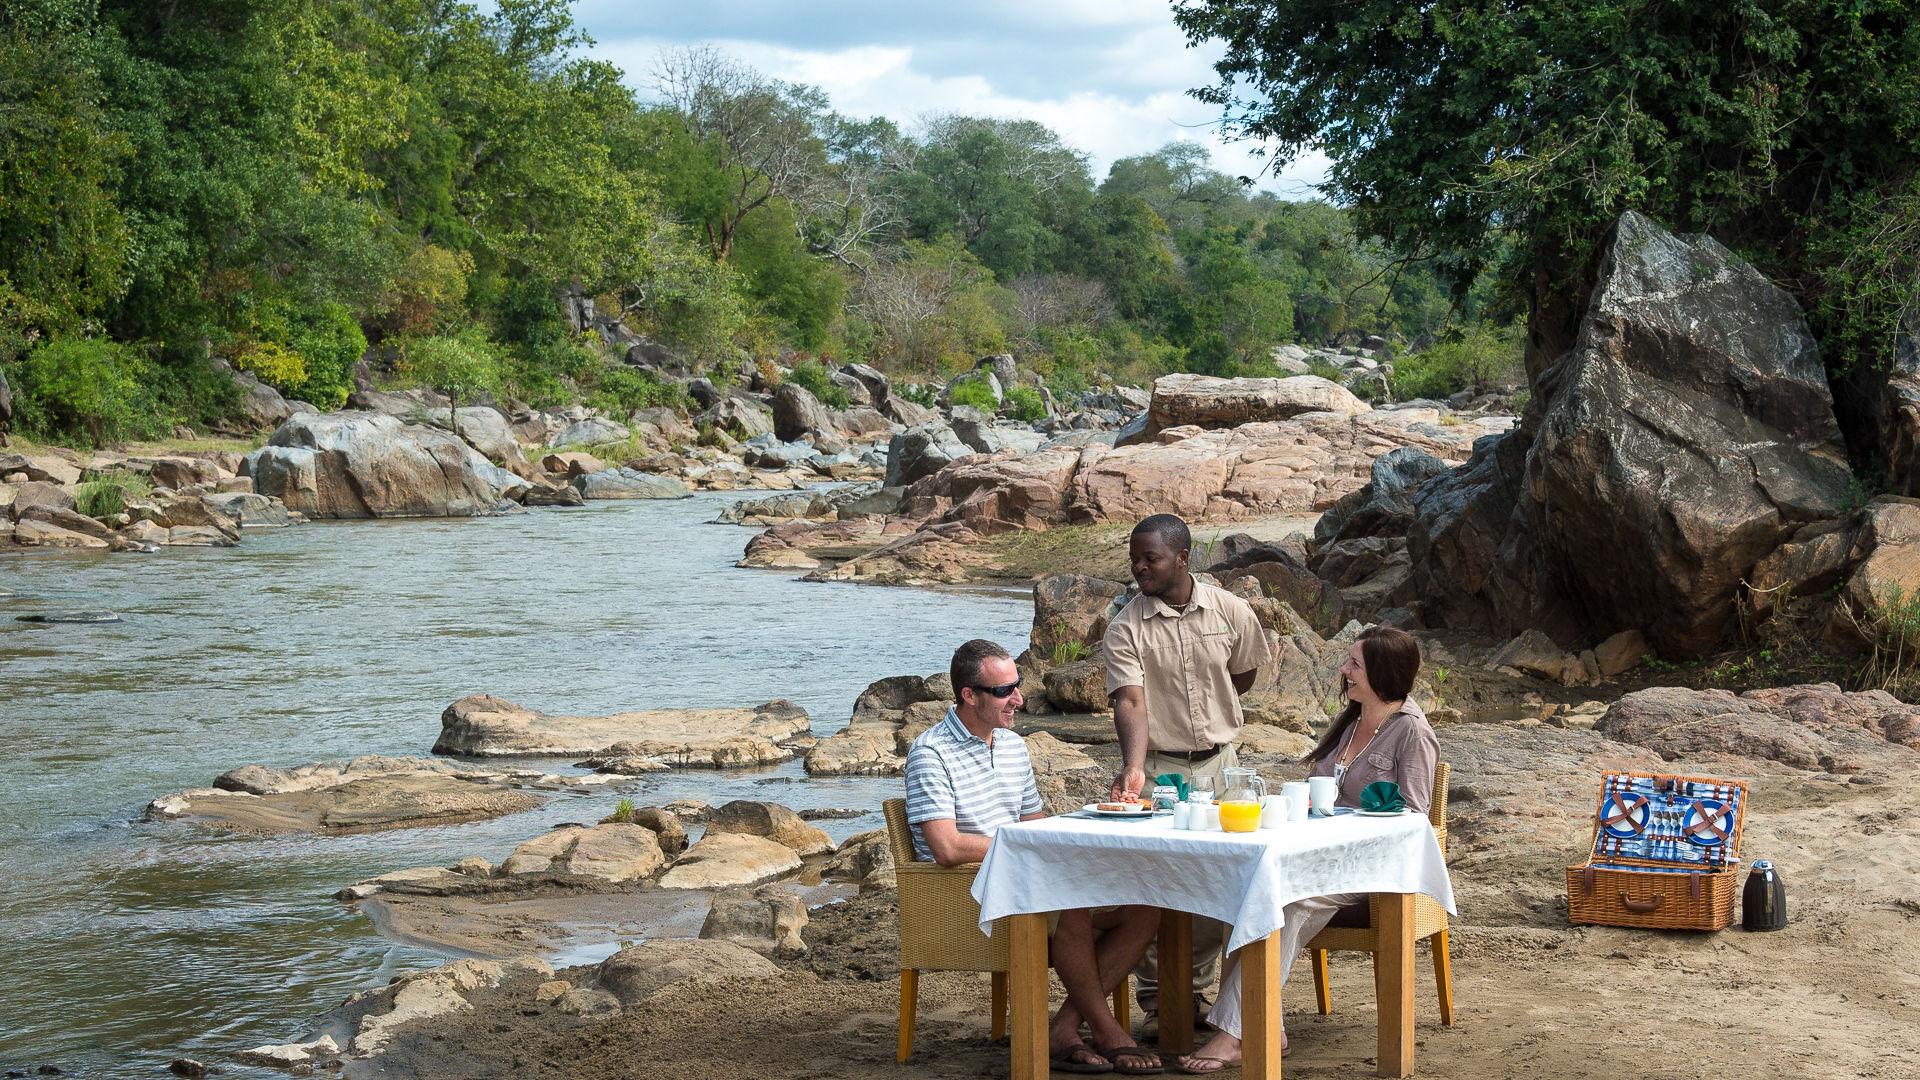 Beste reistijd Malawi | Weer, klimaat & regenseizoen informatie